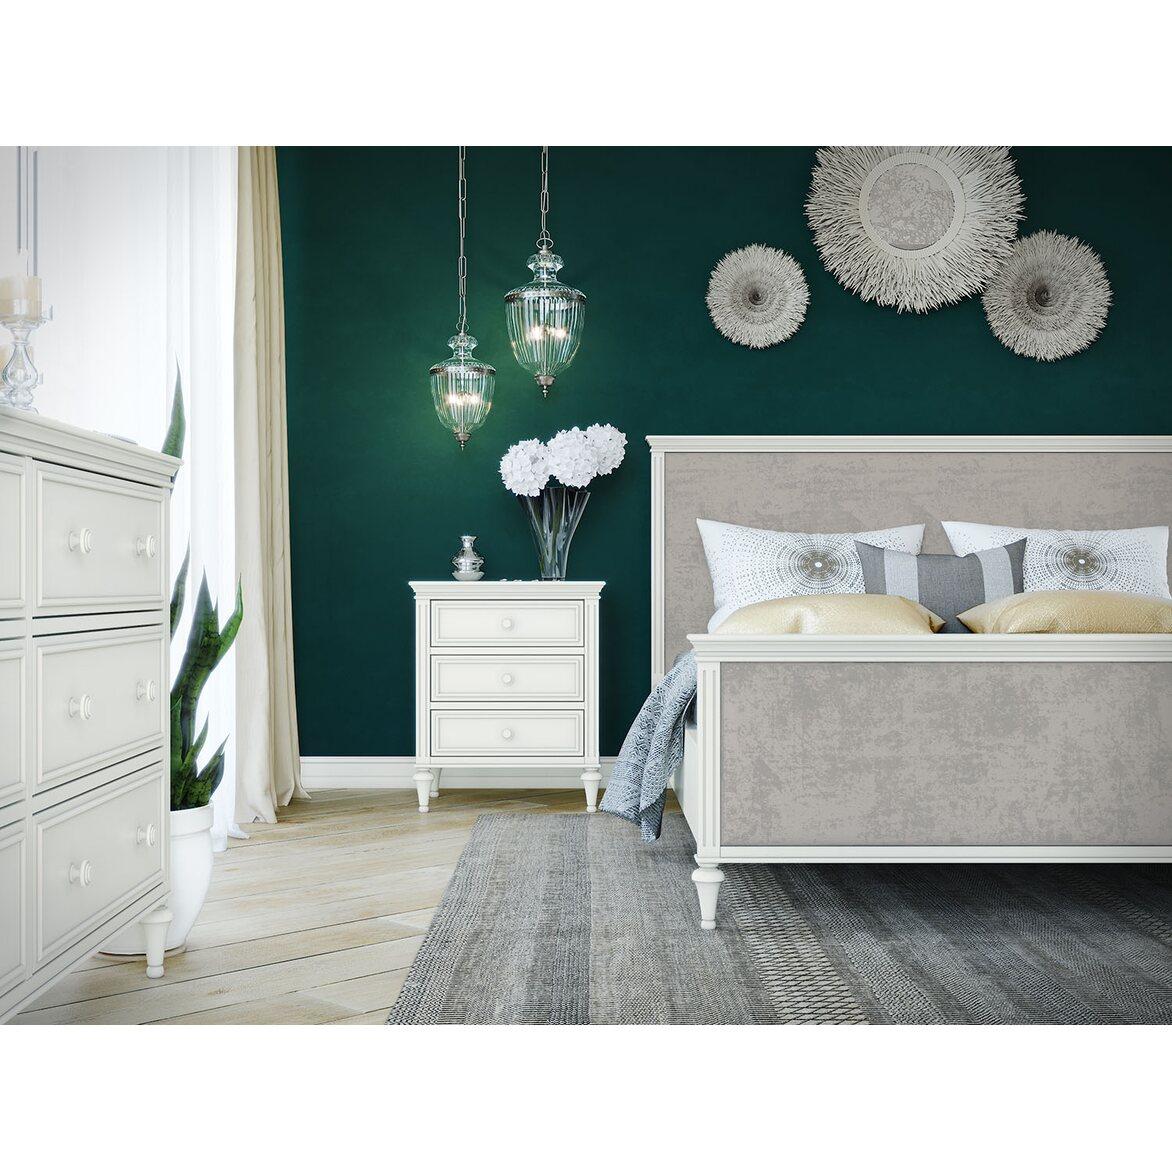 Кровать Riverdi, двуспальная, слоновая кость 5 | Двуспальные кровати Kingsby